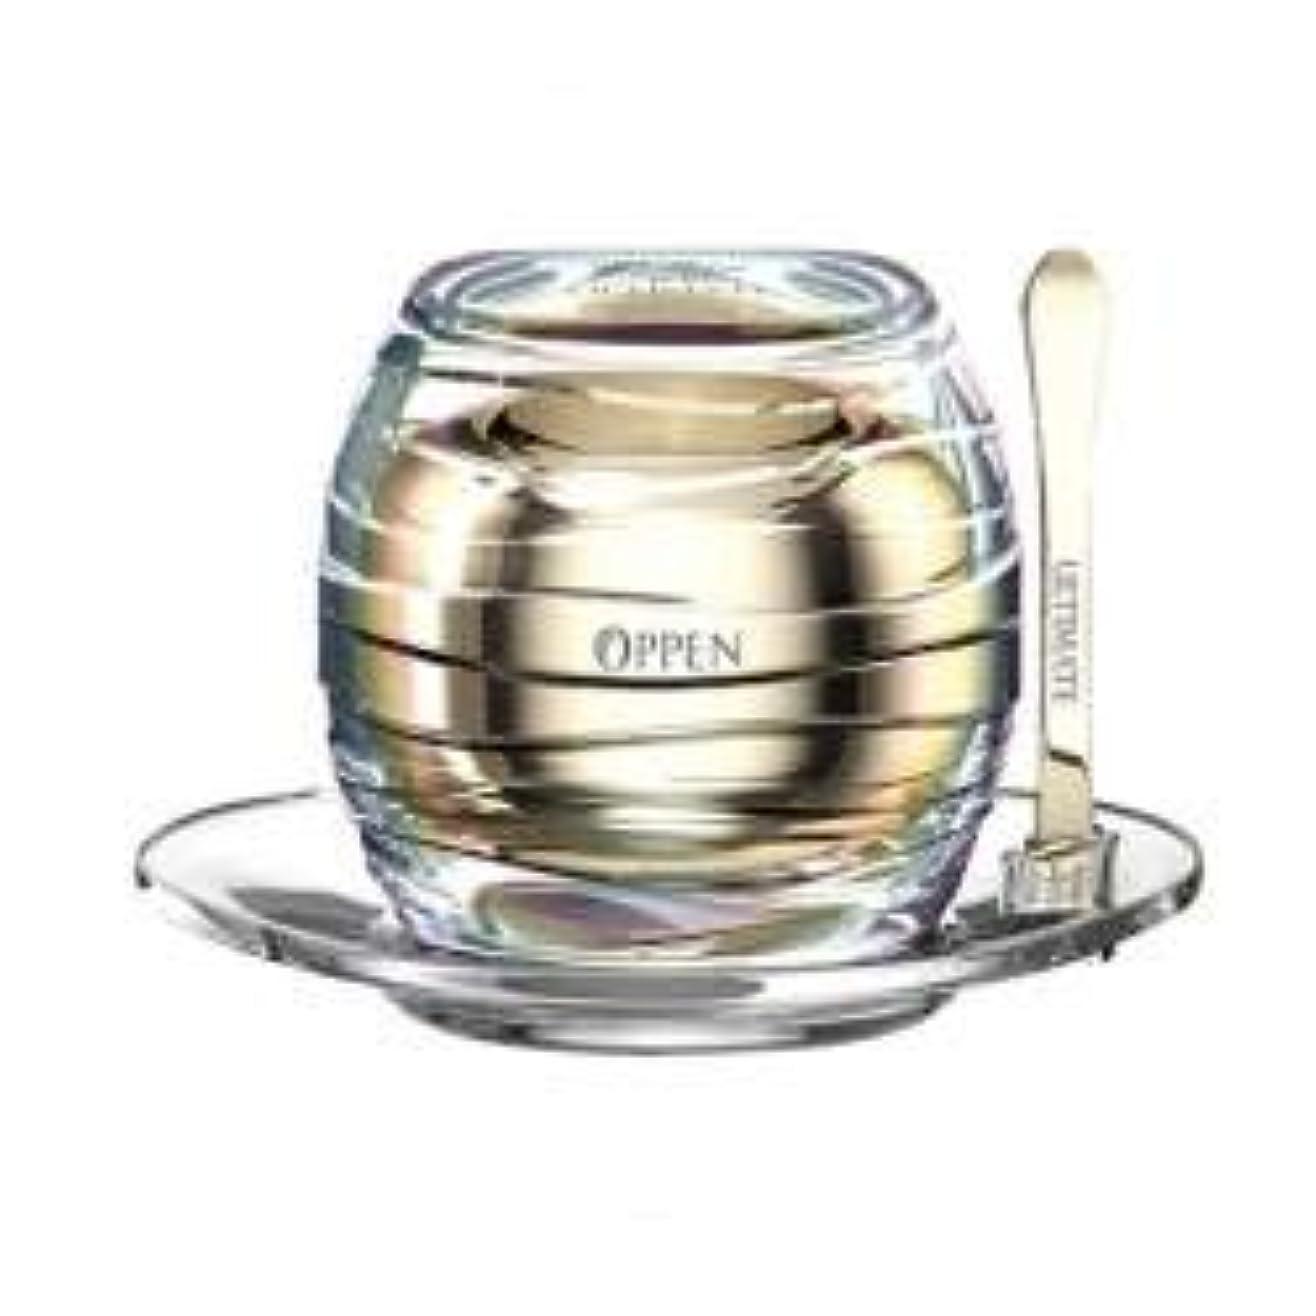 ベルベット一般的な対応するオッペン アルティメイト クリーム(30g)